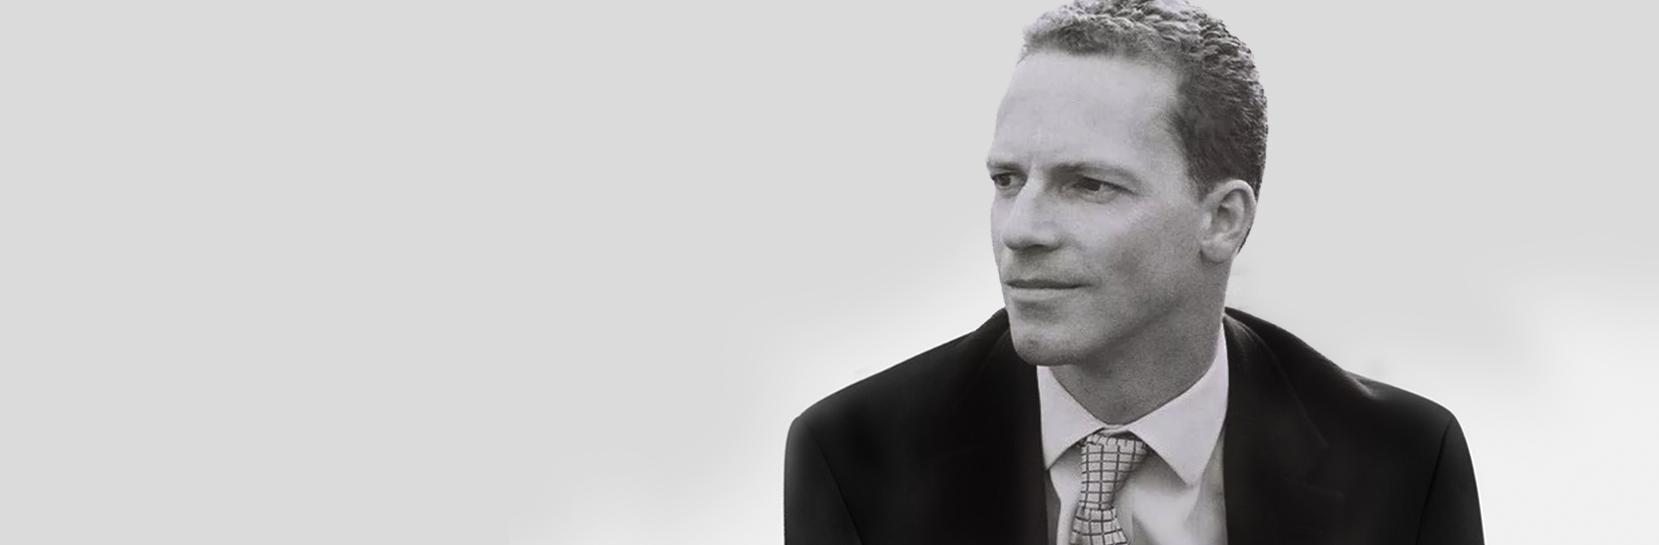 Graham Stewart